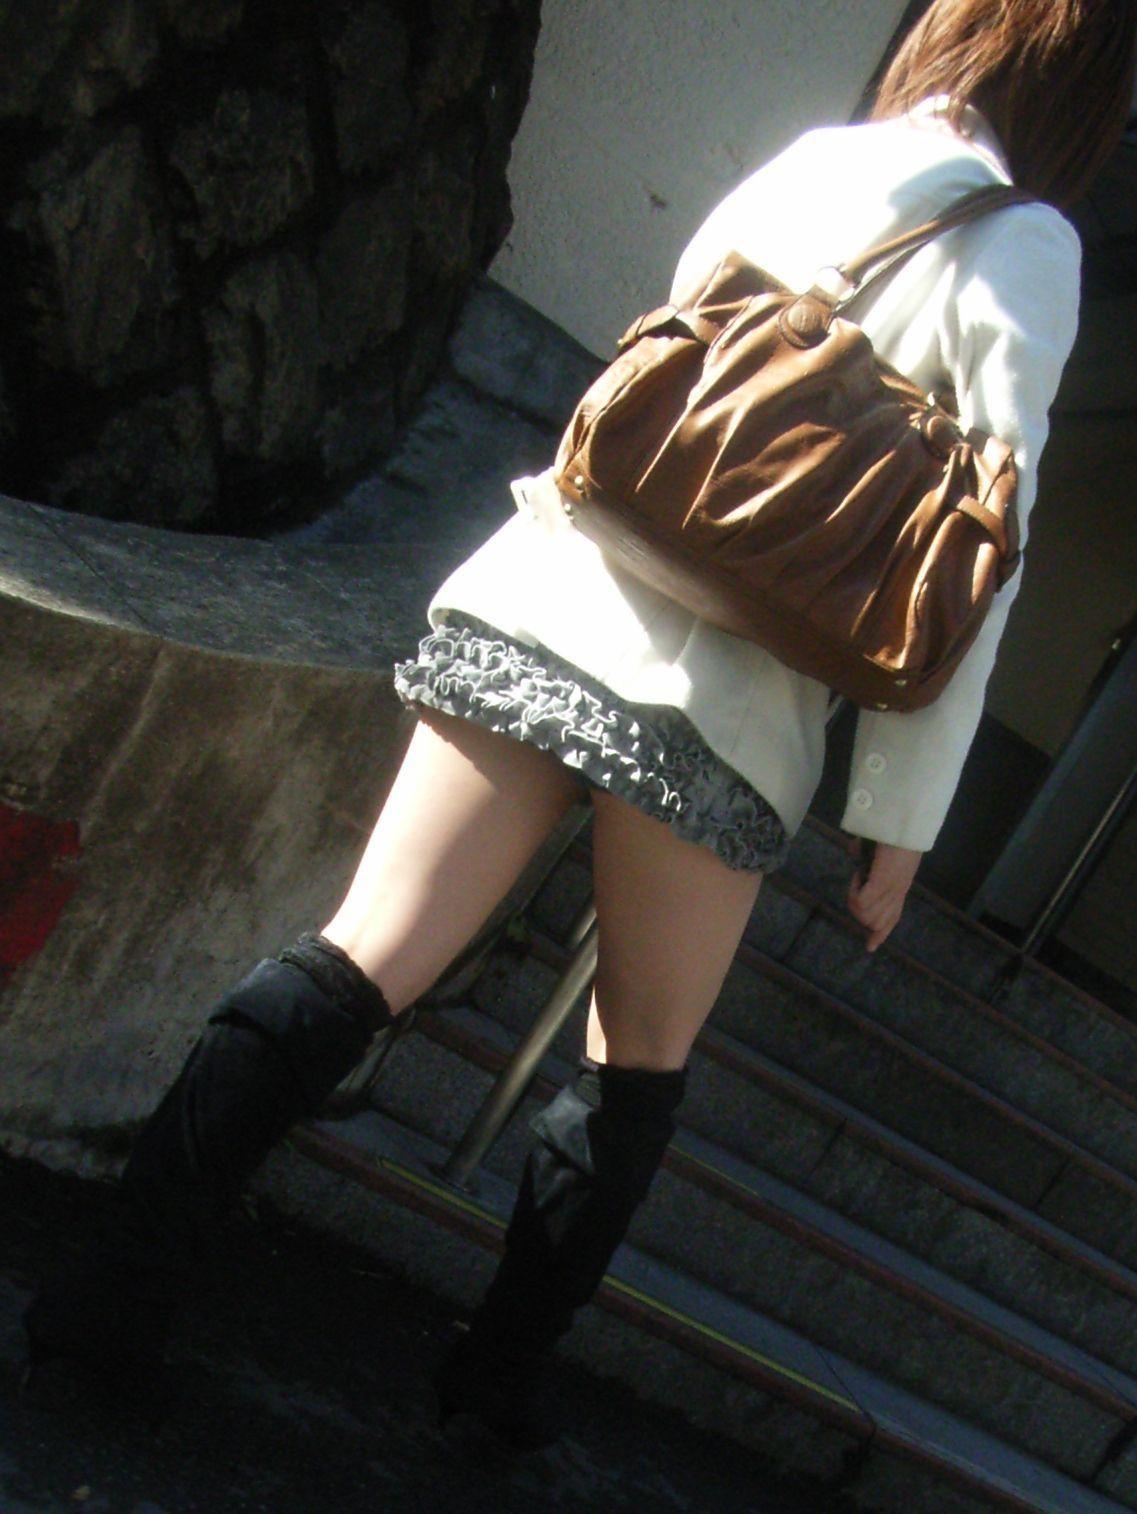 【太ももエロ画像】やはりムチムチが一番な肉付き素晴らしい女子の太もも!(;^ω^)